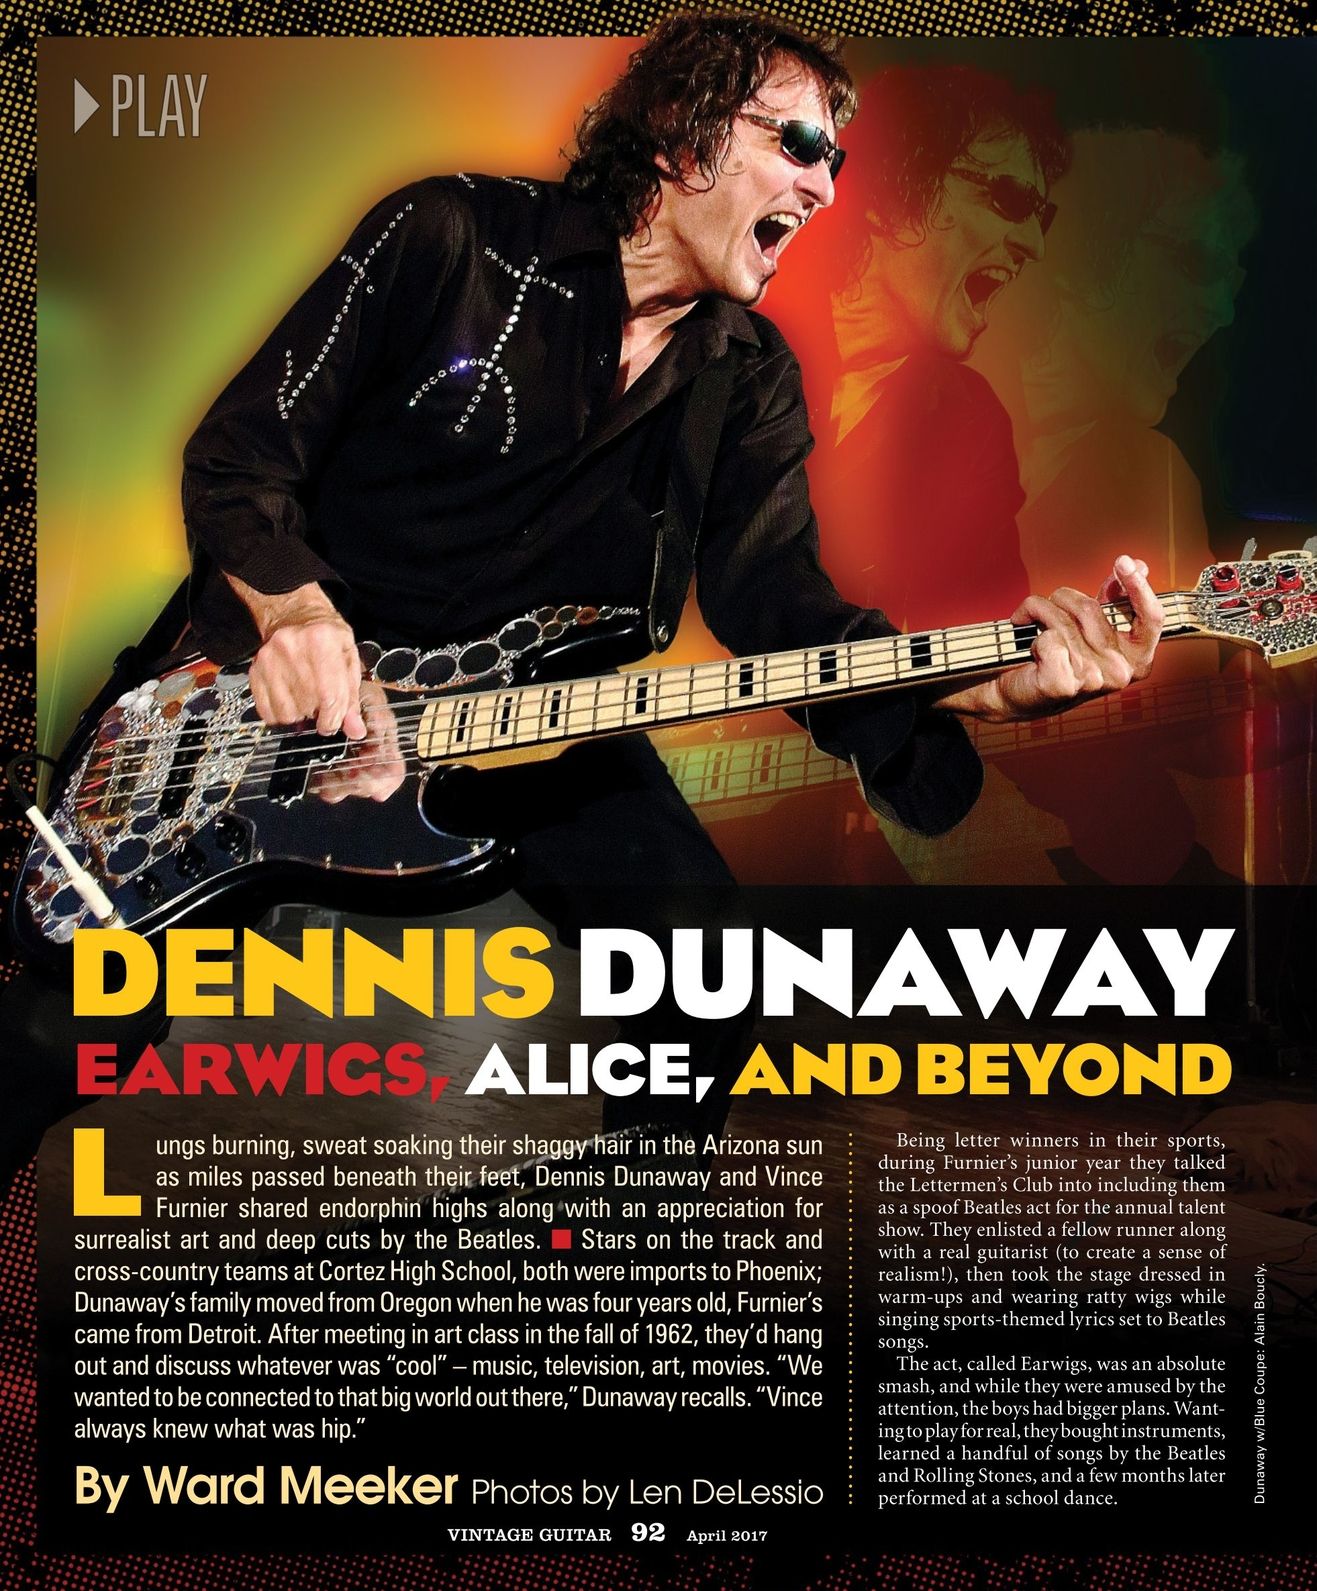 dennis_dunaway_vintage_guitar